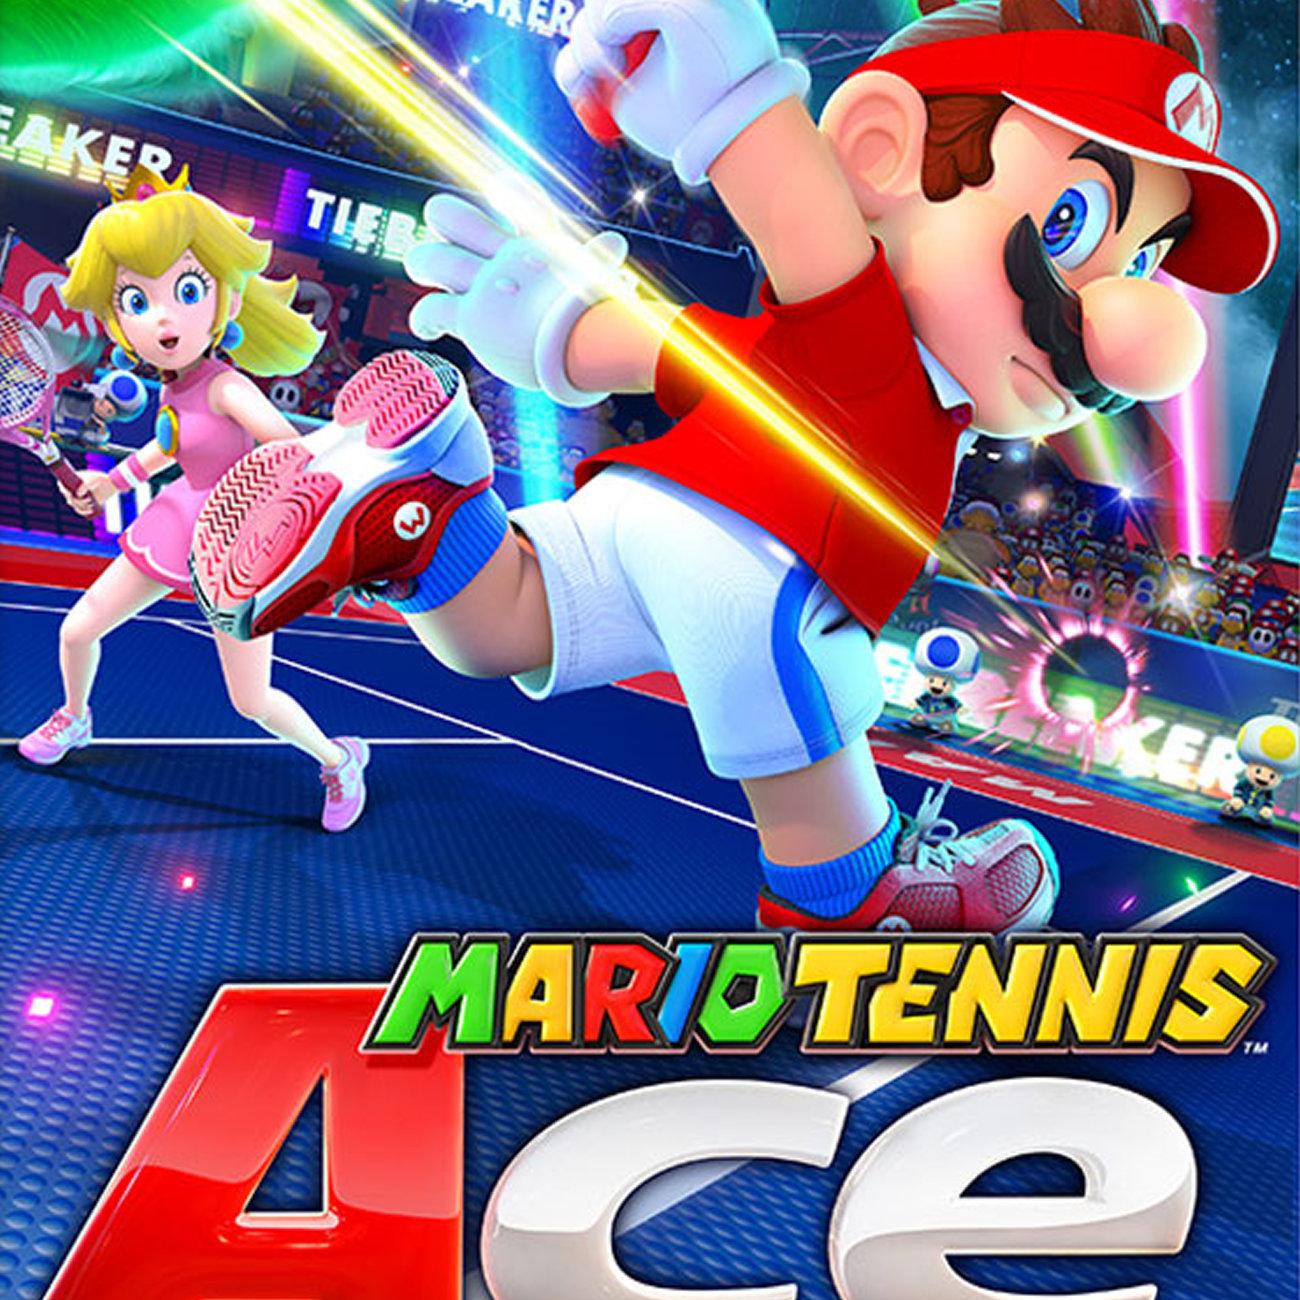 マリオテニス エース、発売日。システム一新、ネット対戦